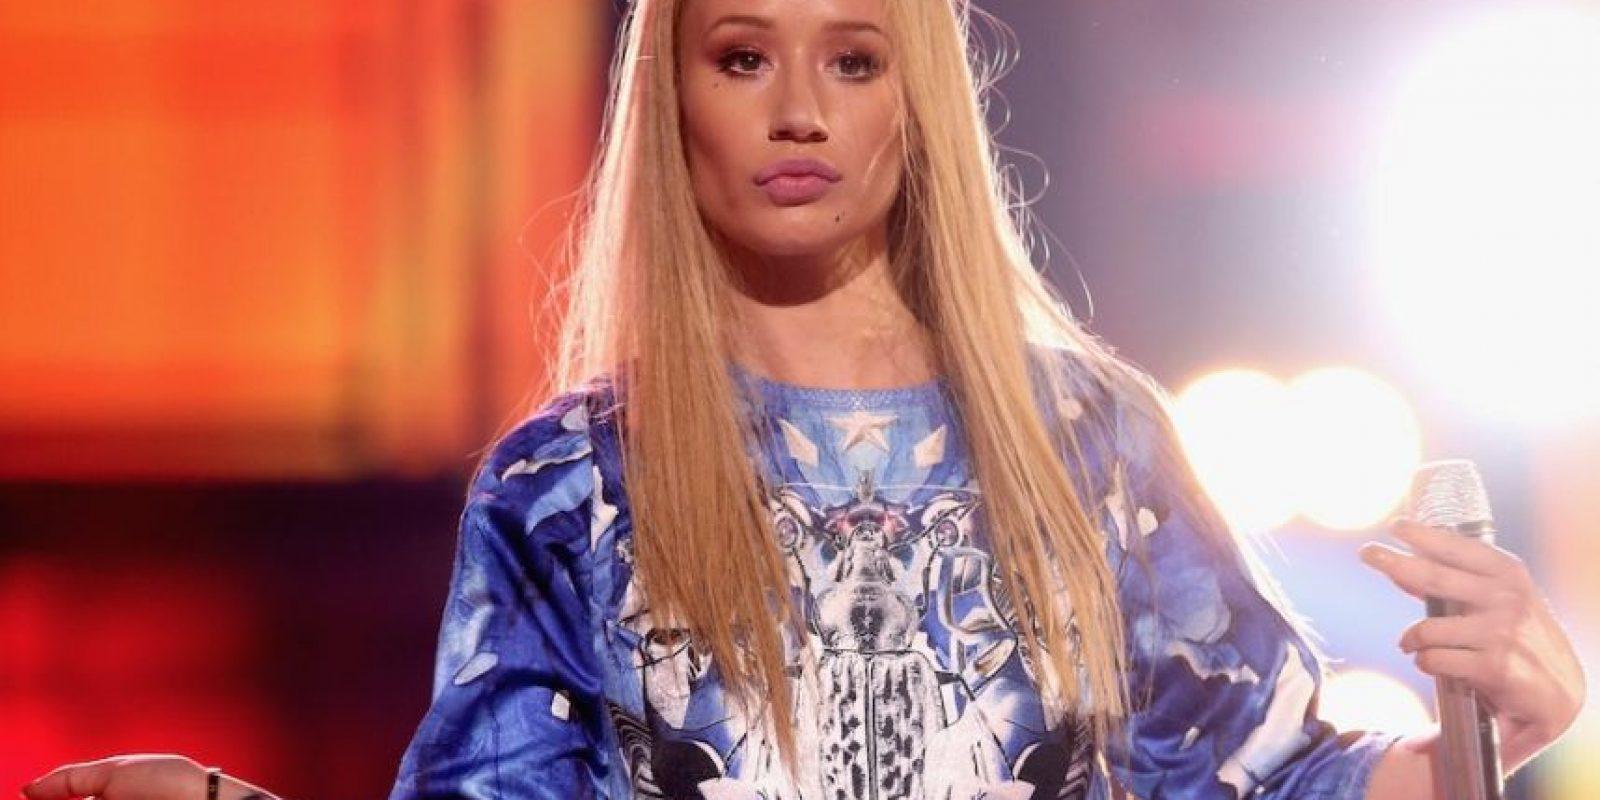 La rapera nació en Sydney, Australia Foto:Getty Images